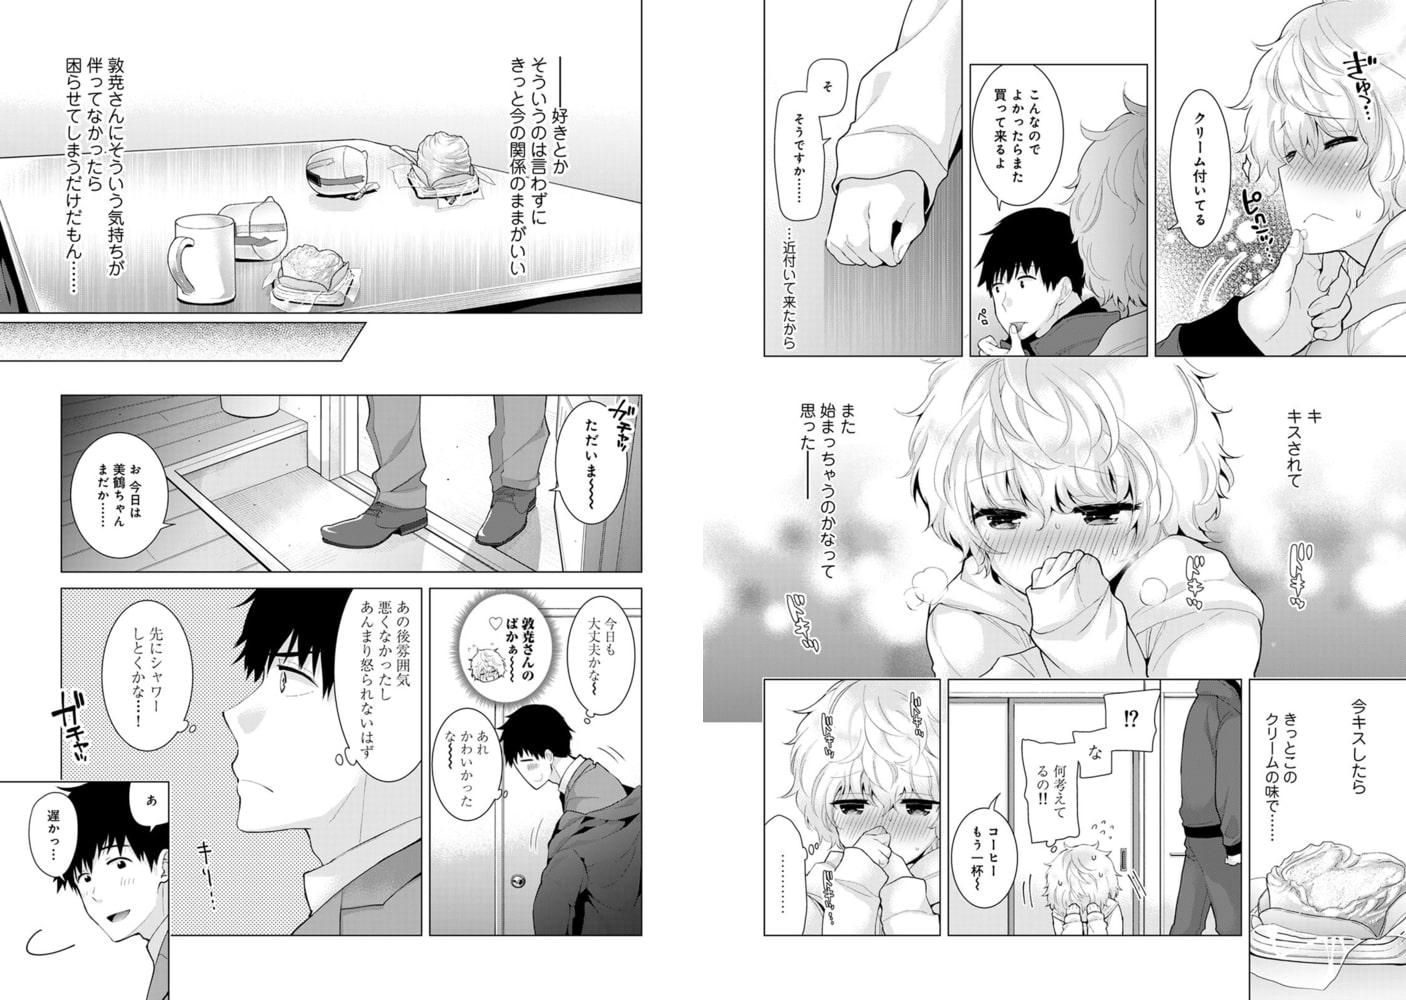 【単行本版】ノラネコ少女との暮らしかた 第2集